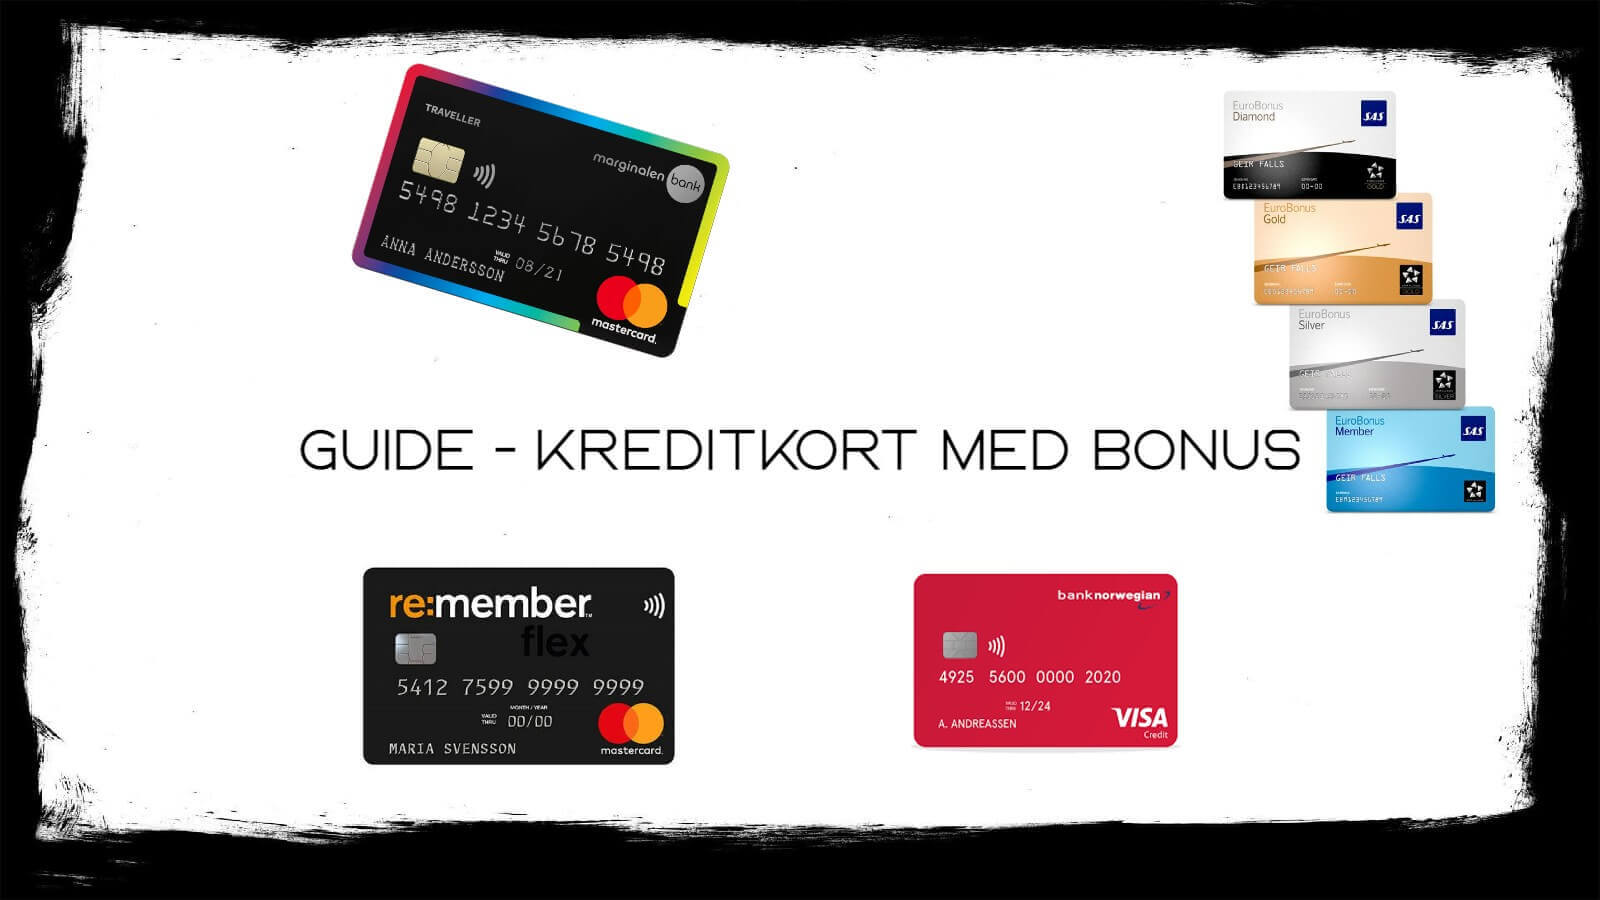 Kreditkort med bonus